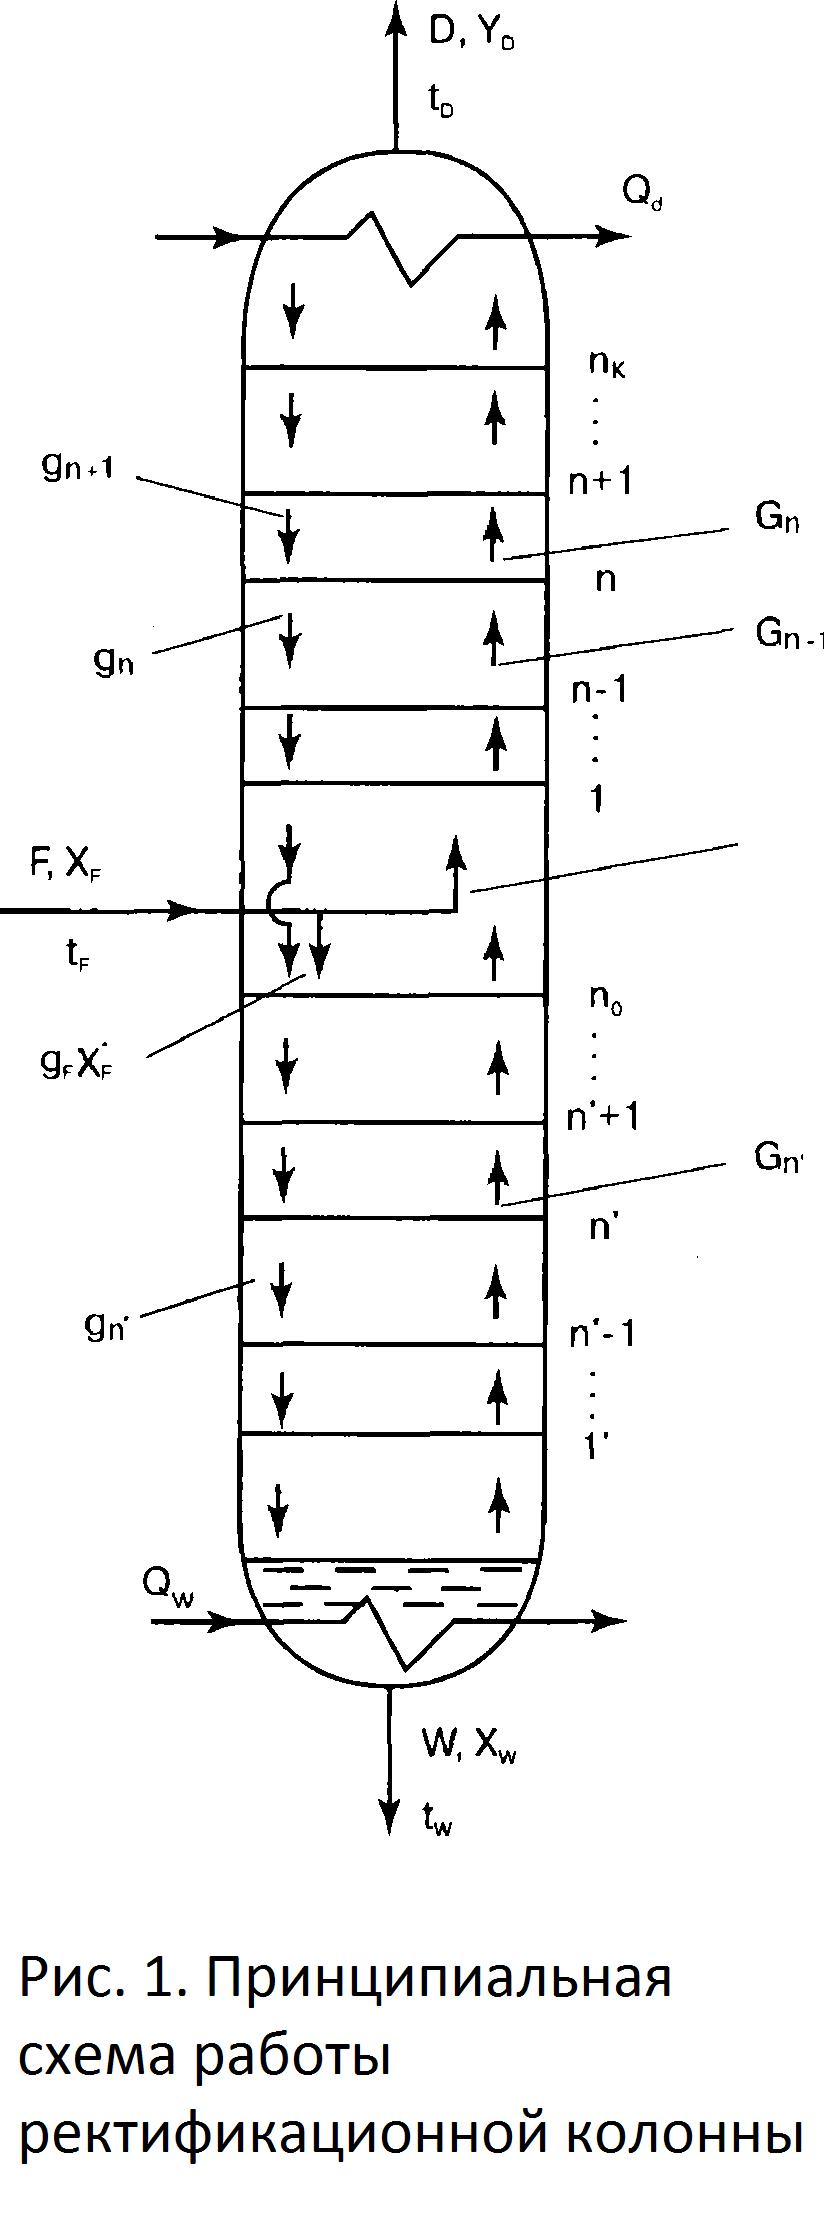 ректификационная колонна для самогона